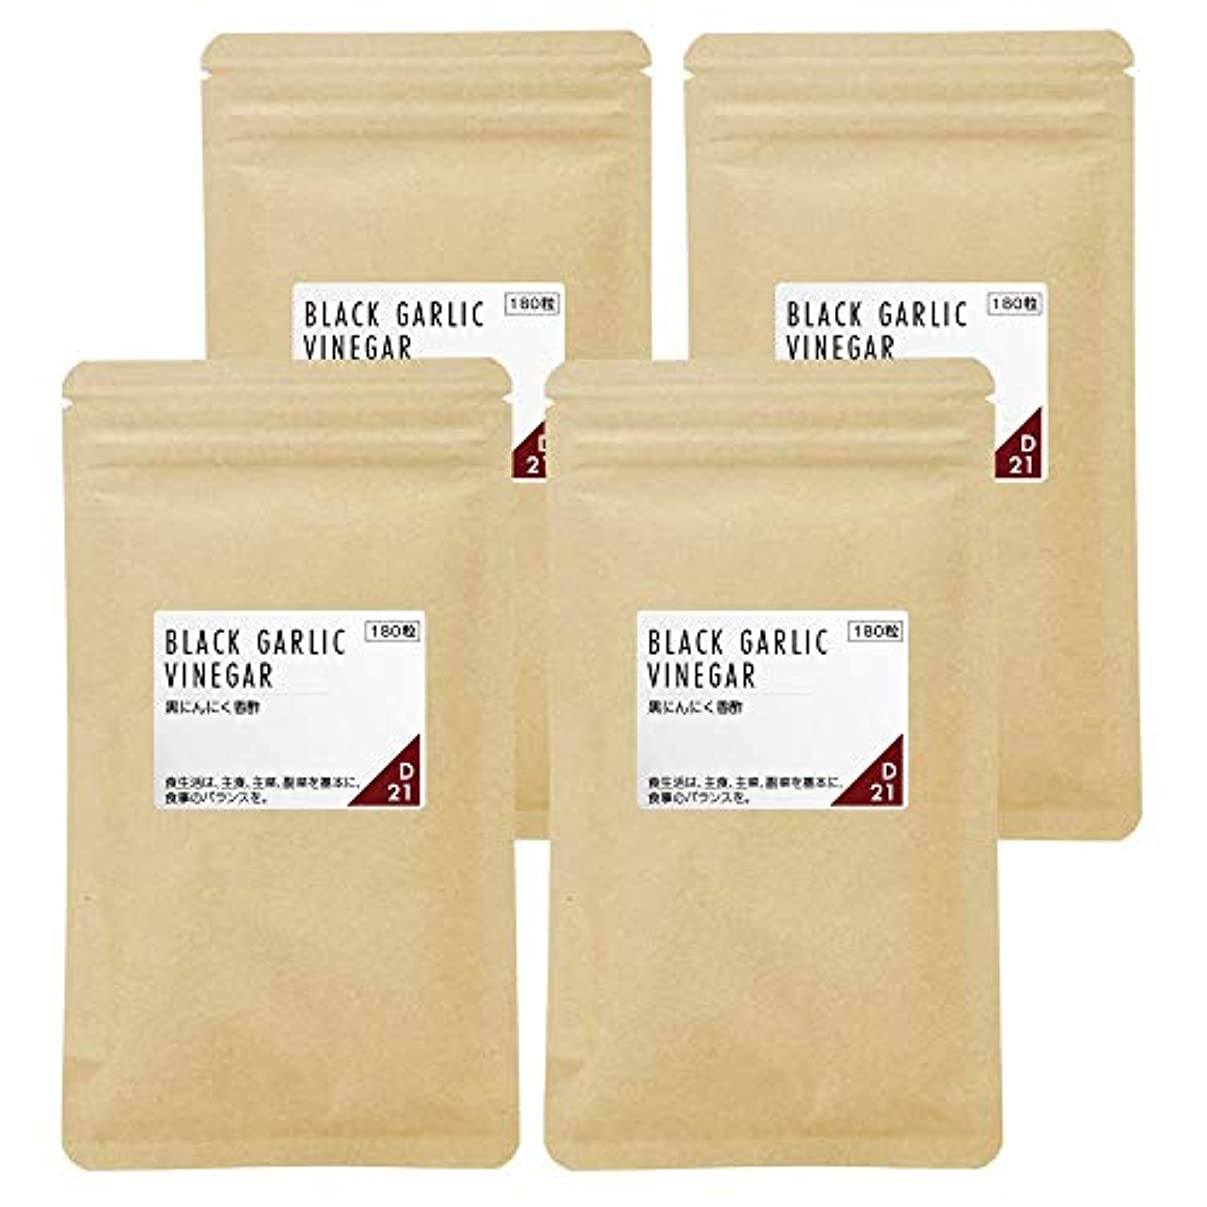 シリーズフラフープ噴出するnichie 黒にんにく 香酢 ソフトカプセル 約1年分(180粒×4袋)